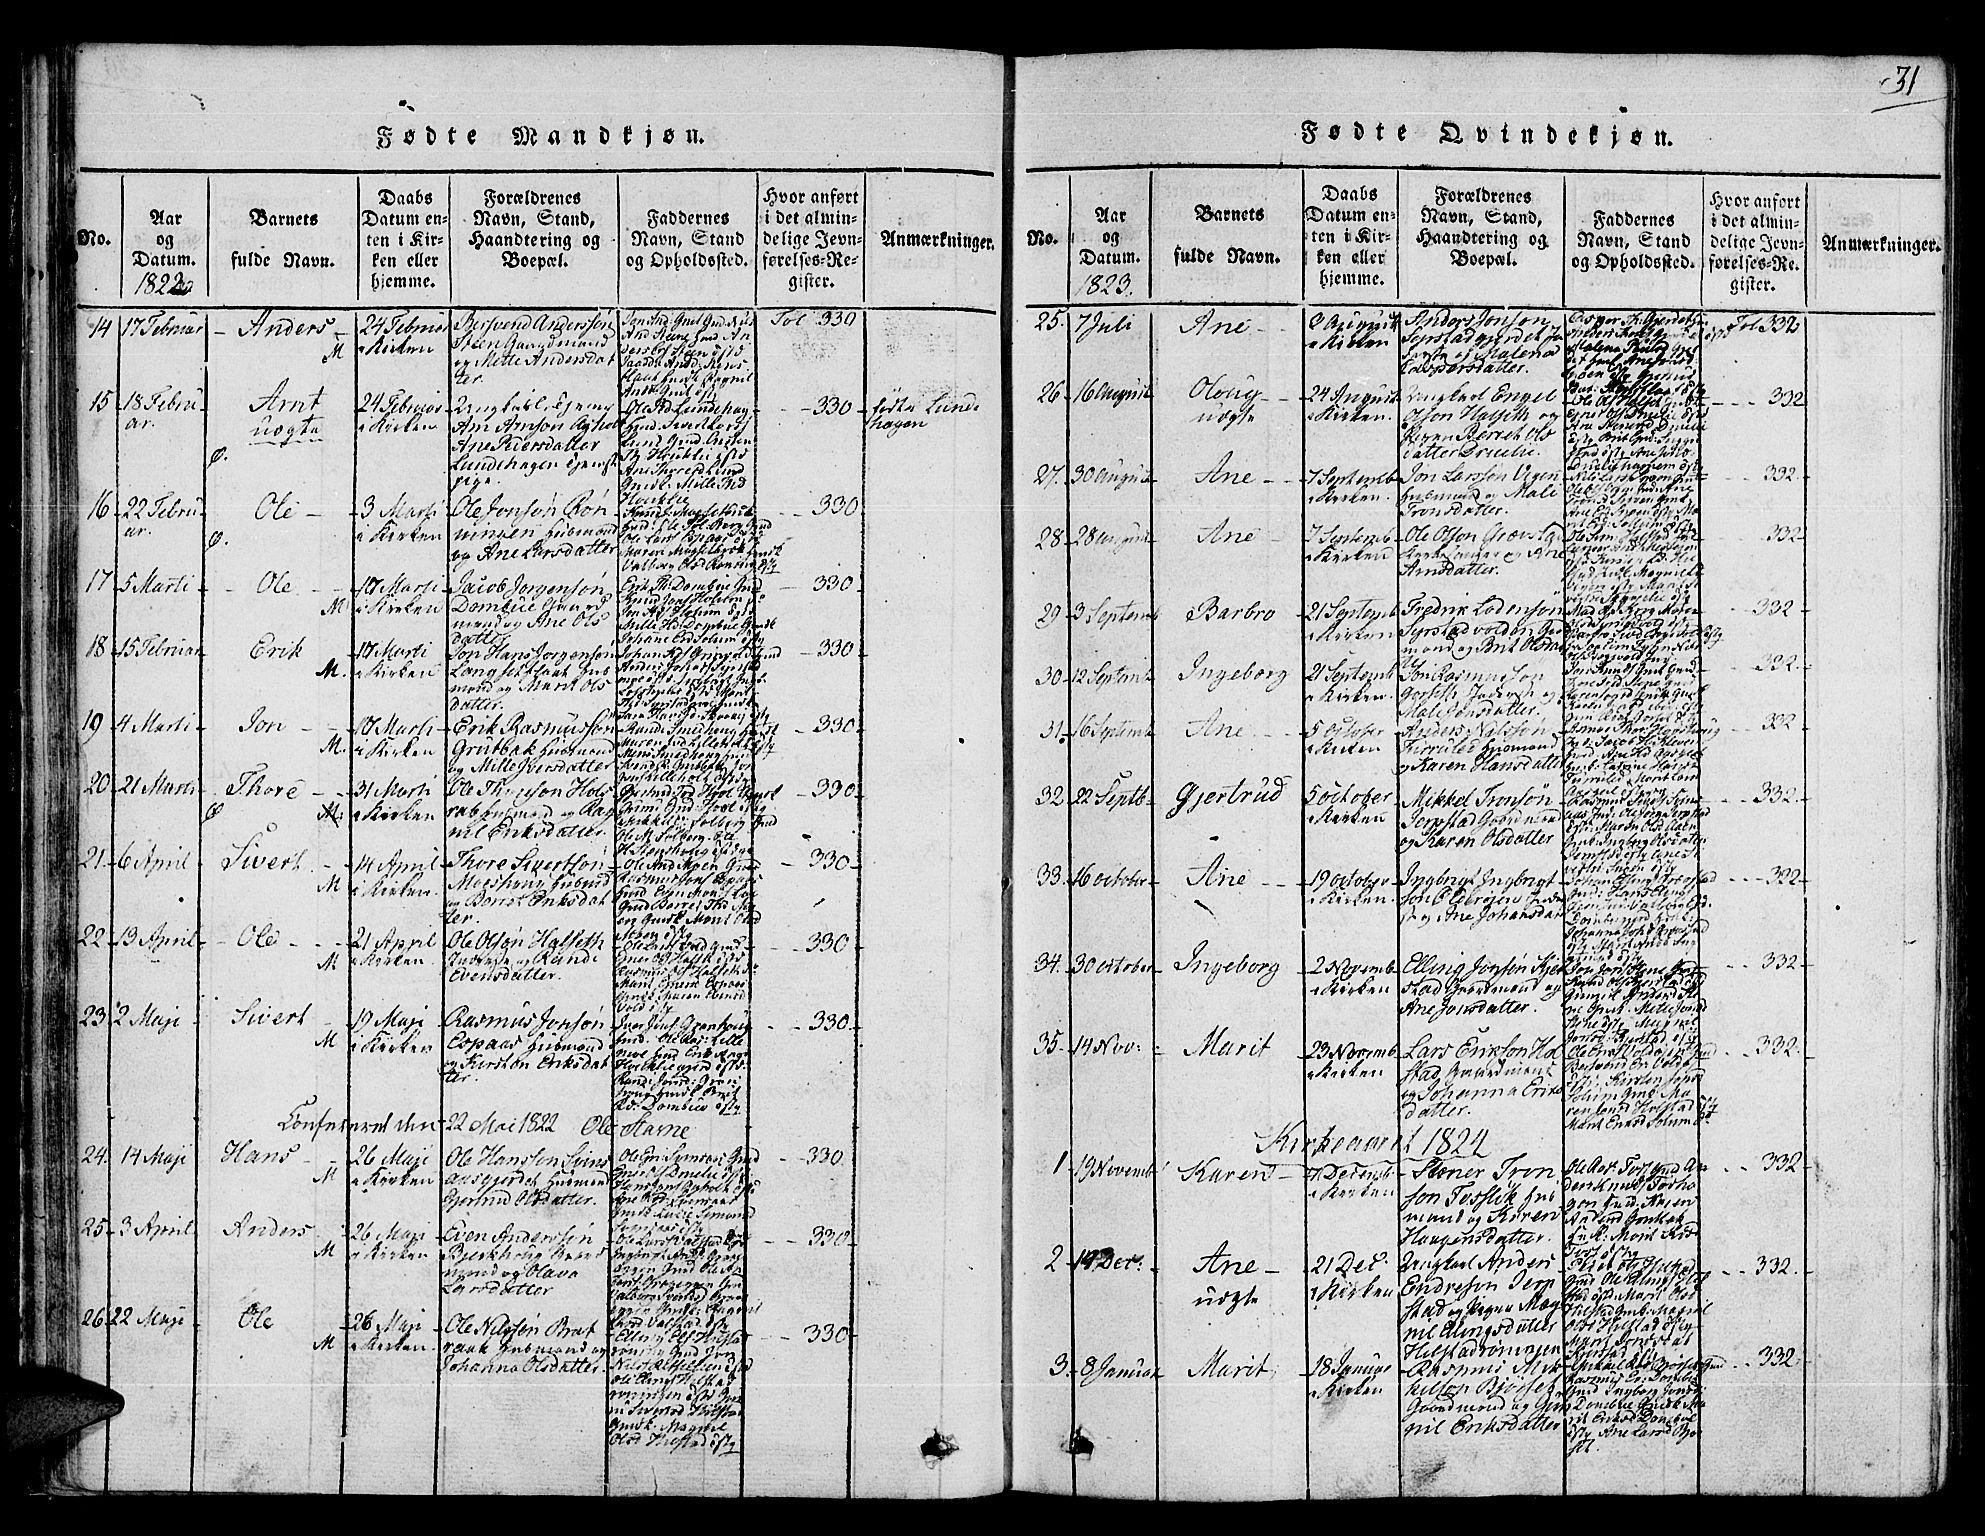 SAT, Ministerialprotokoller, klokkerbøker og fødselsregistre - Sør-Trøndelag, 672/L0853: Ministerialbok nr. 672A06 /1, 1816-1829, s. 31